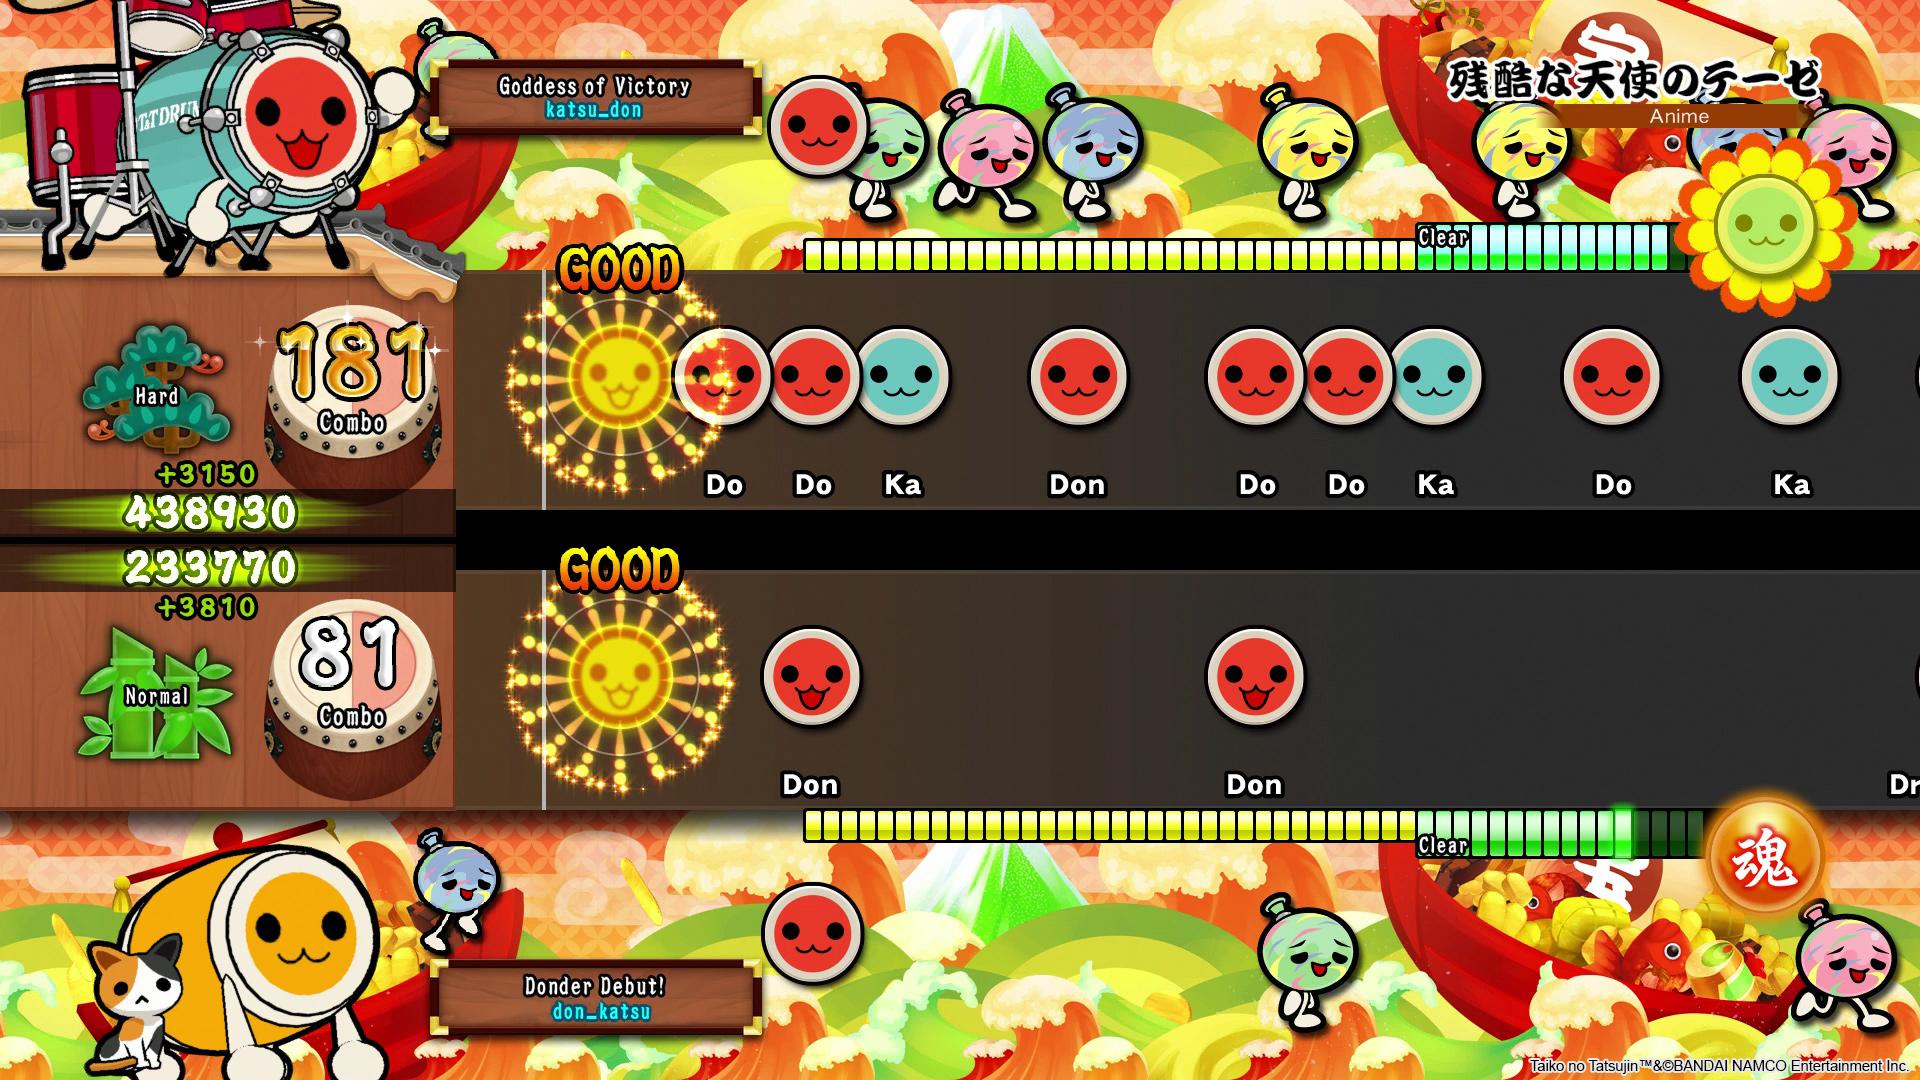 Taiko No Tatsujin los mejores videojuegos con multijugador local